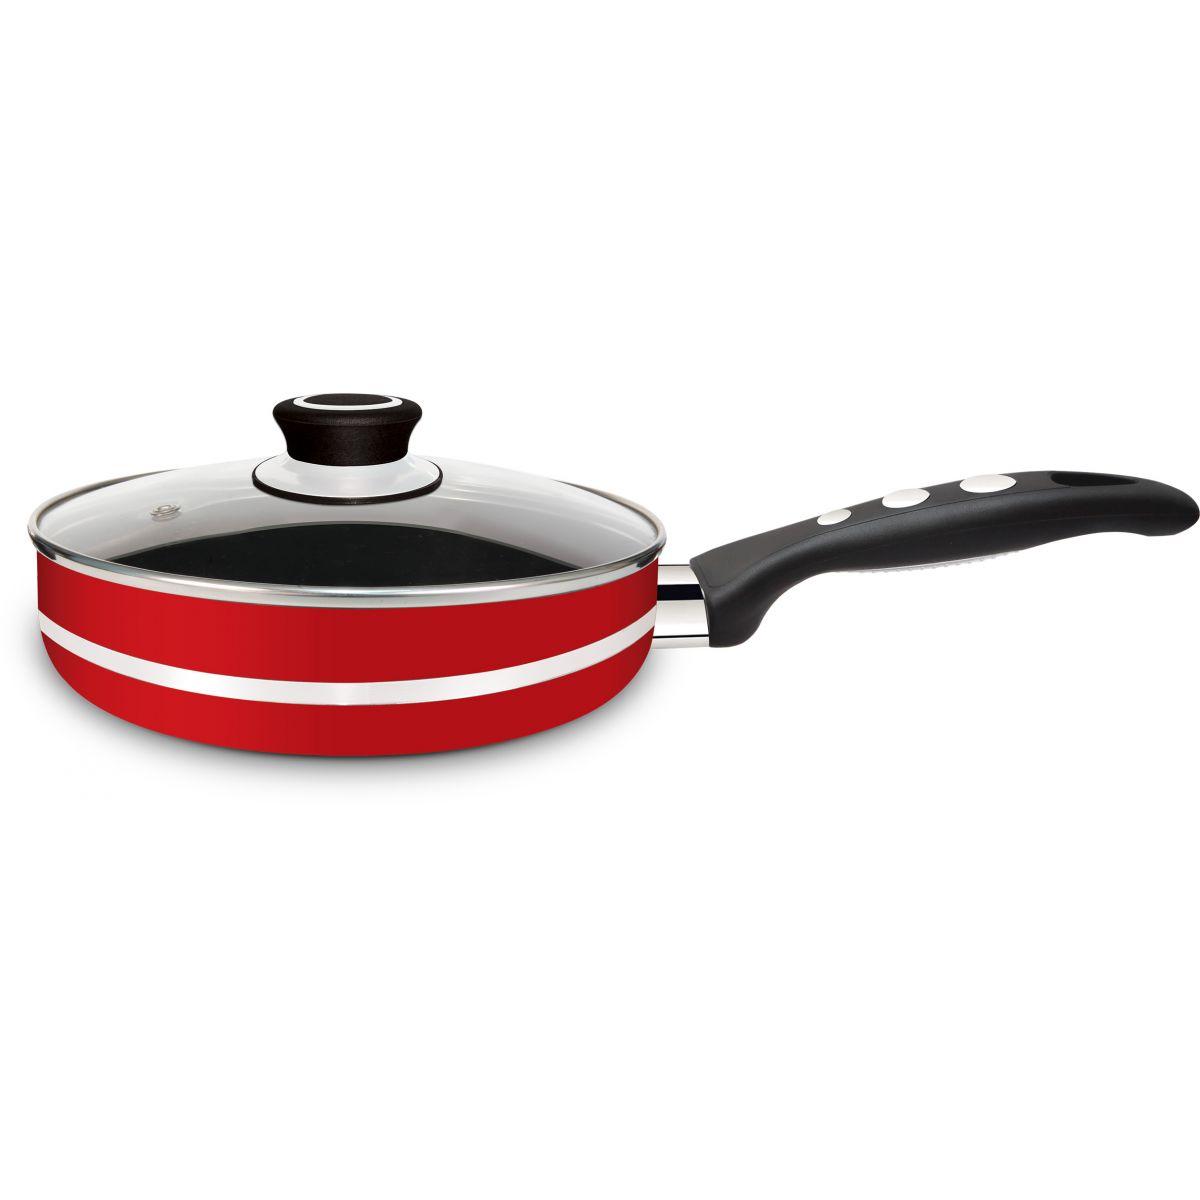 Frigideira Alta Gourmet Red 24 - Eirilar  - ShopNoroeste.com.br